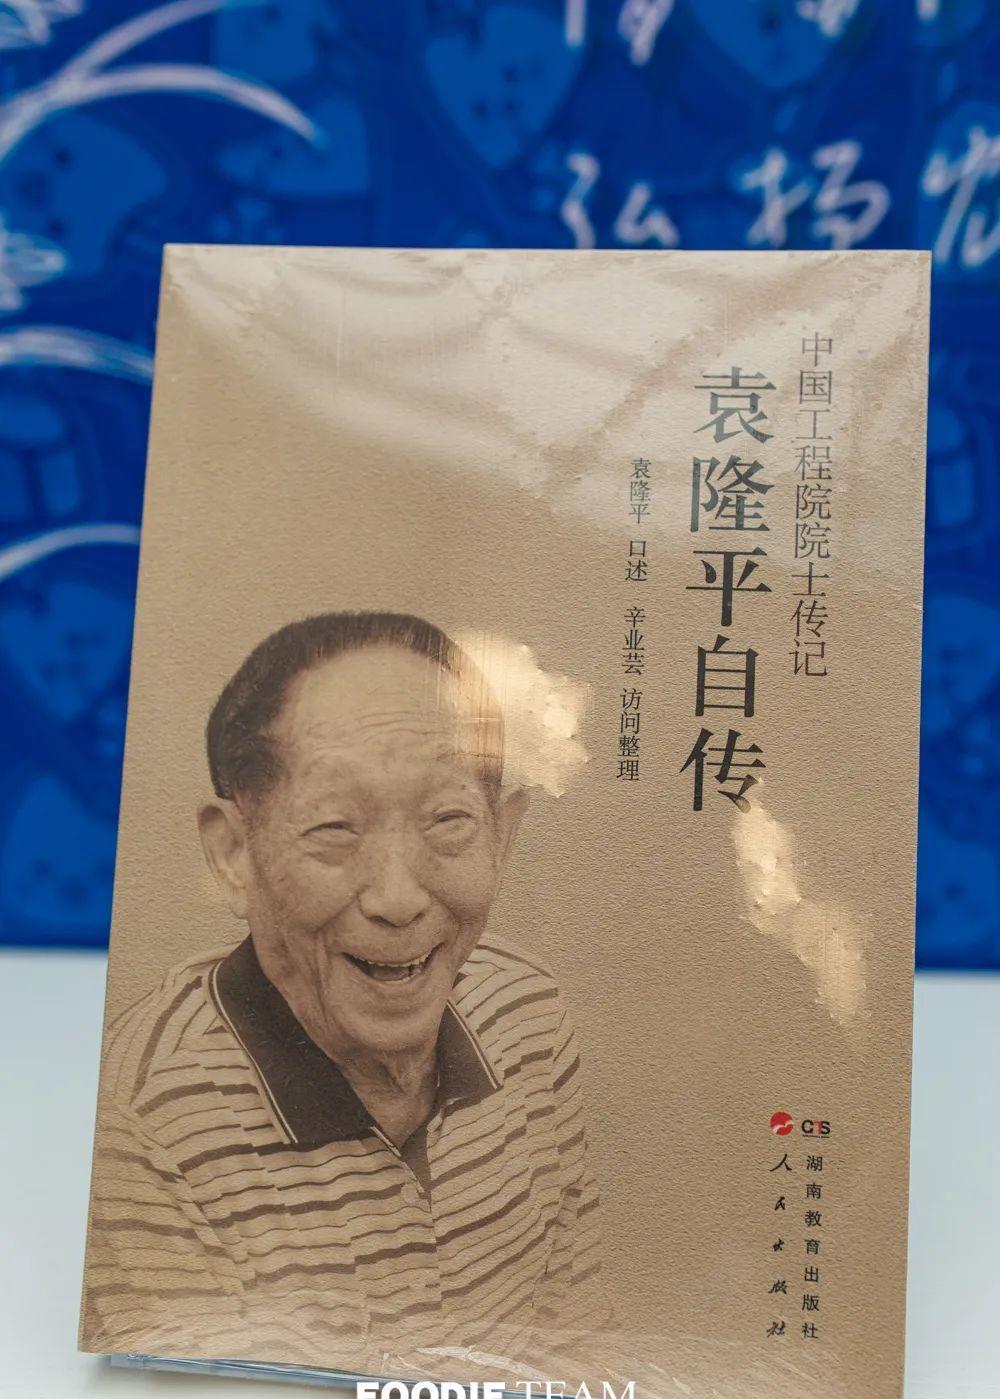 走,带你去隆平水稻博物馆喝『来杯米饮』的首发新品茶饮